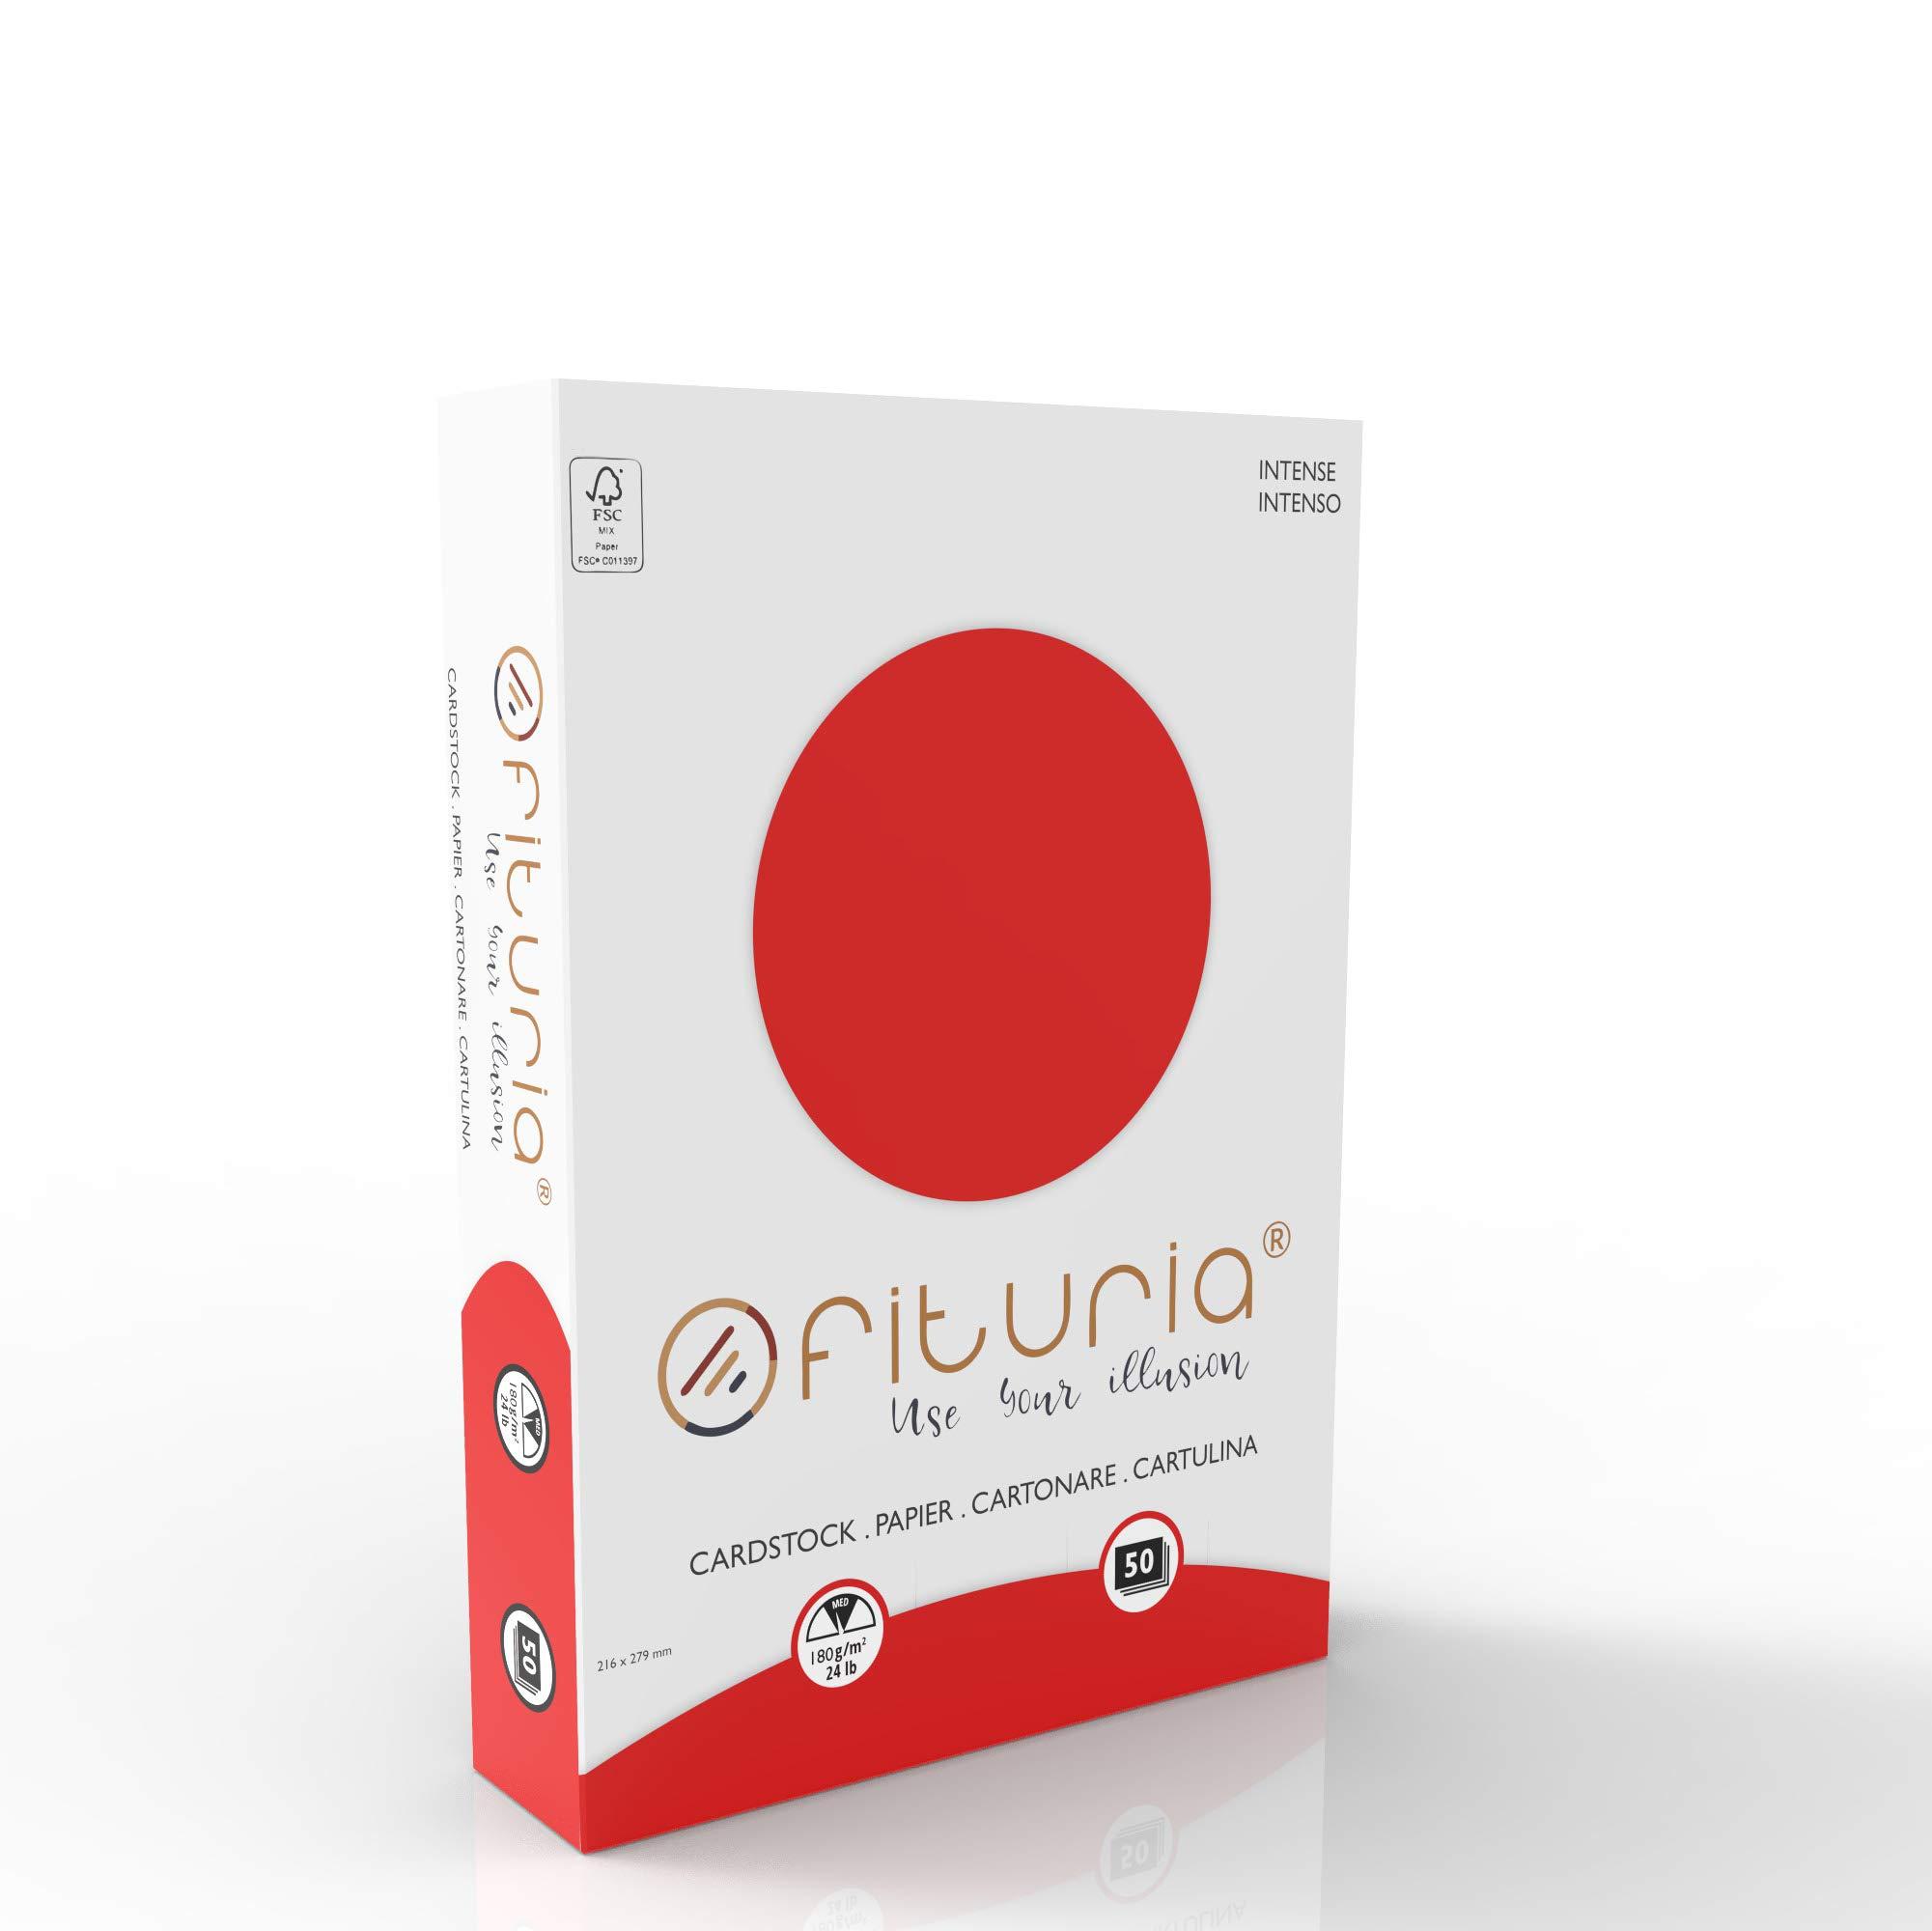 OFITURIA Pack 50 Cartulinas Color Rojo Tamaño A4 180g: Amazon.es: Oficina y papelería